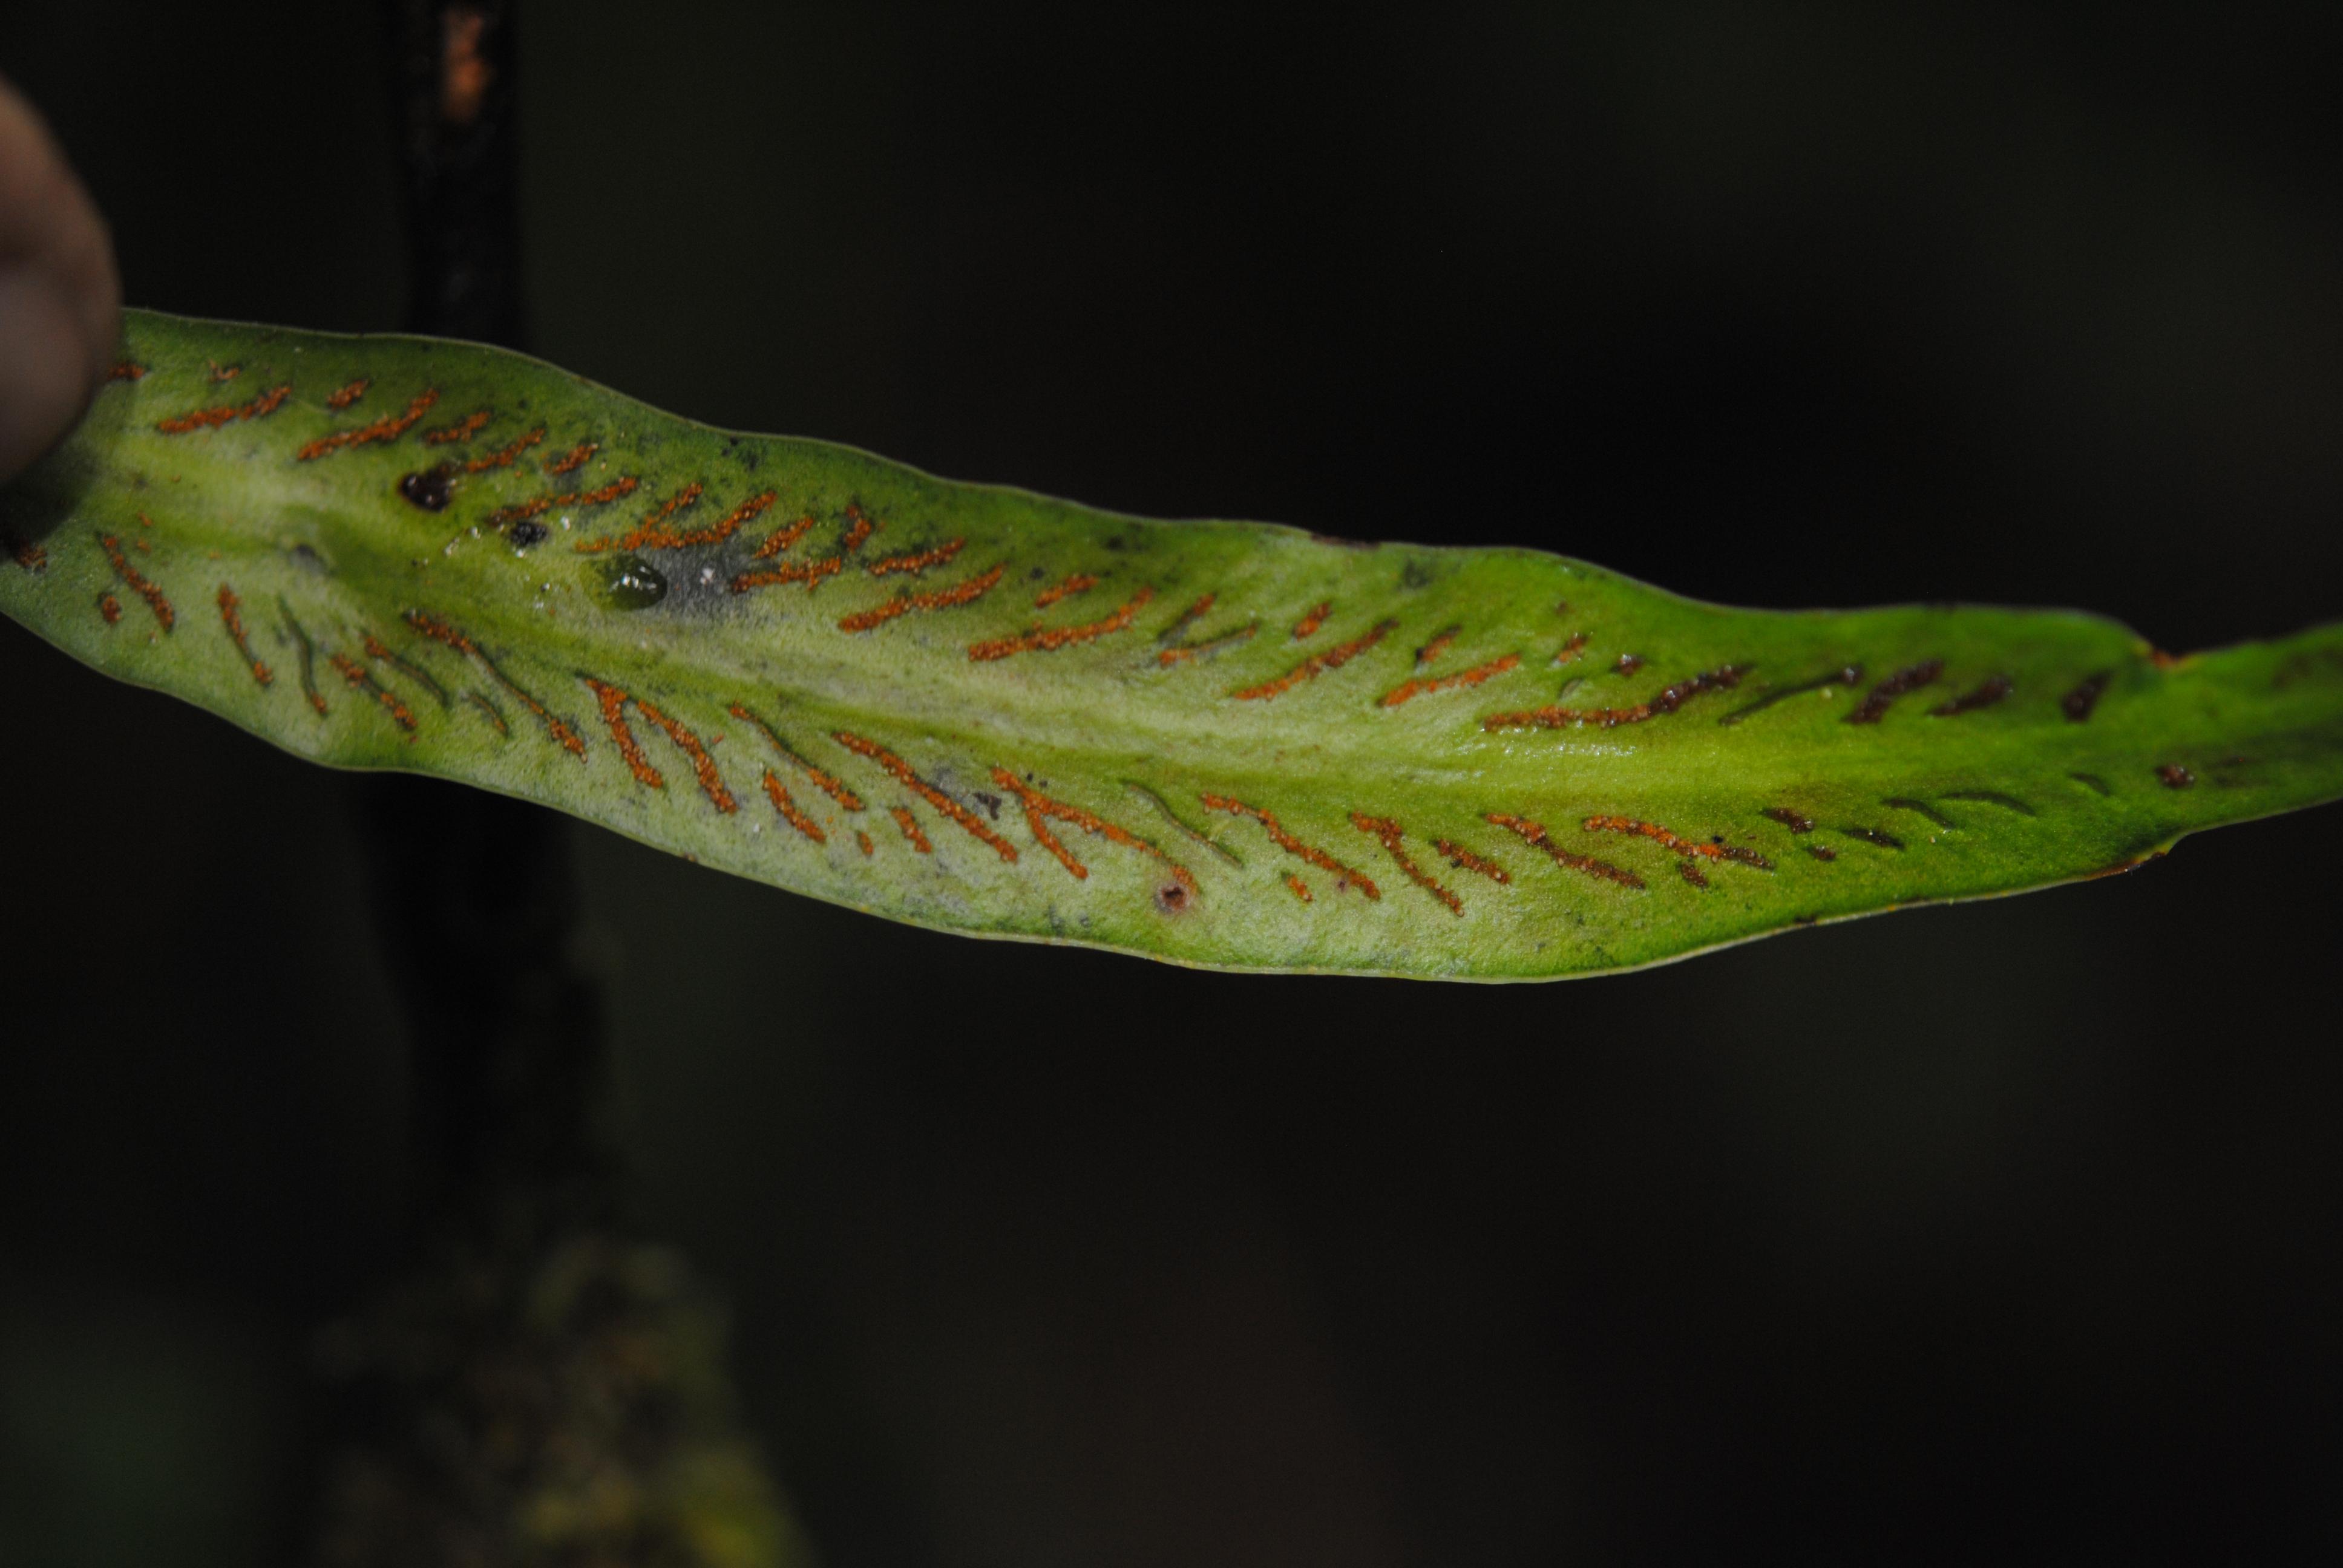 Scoliosorus ensiformis